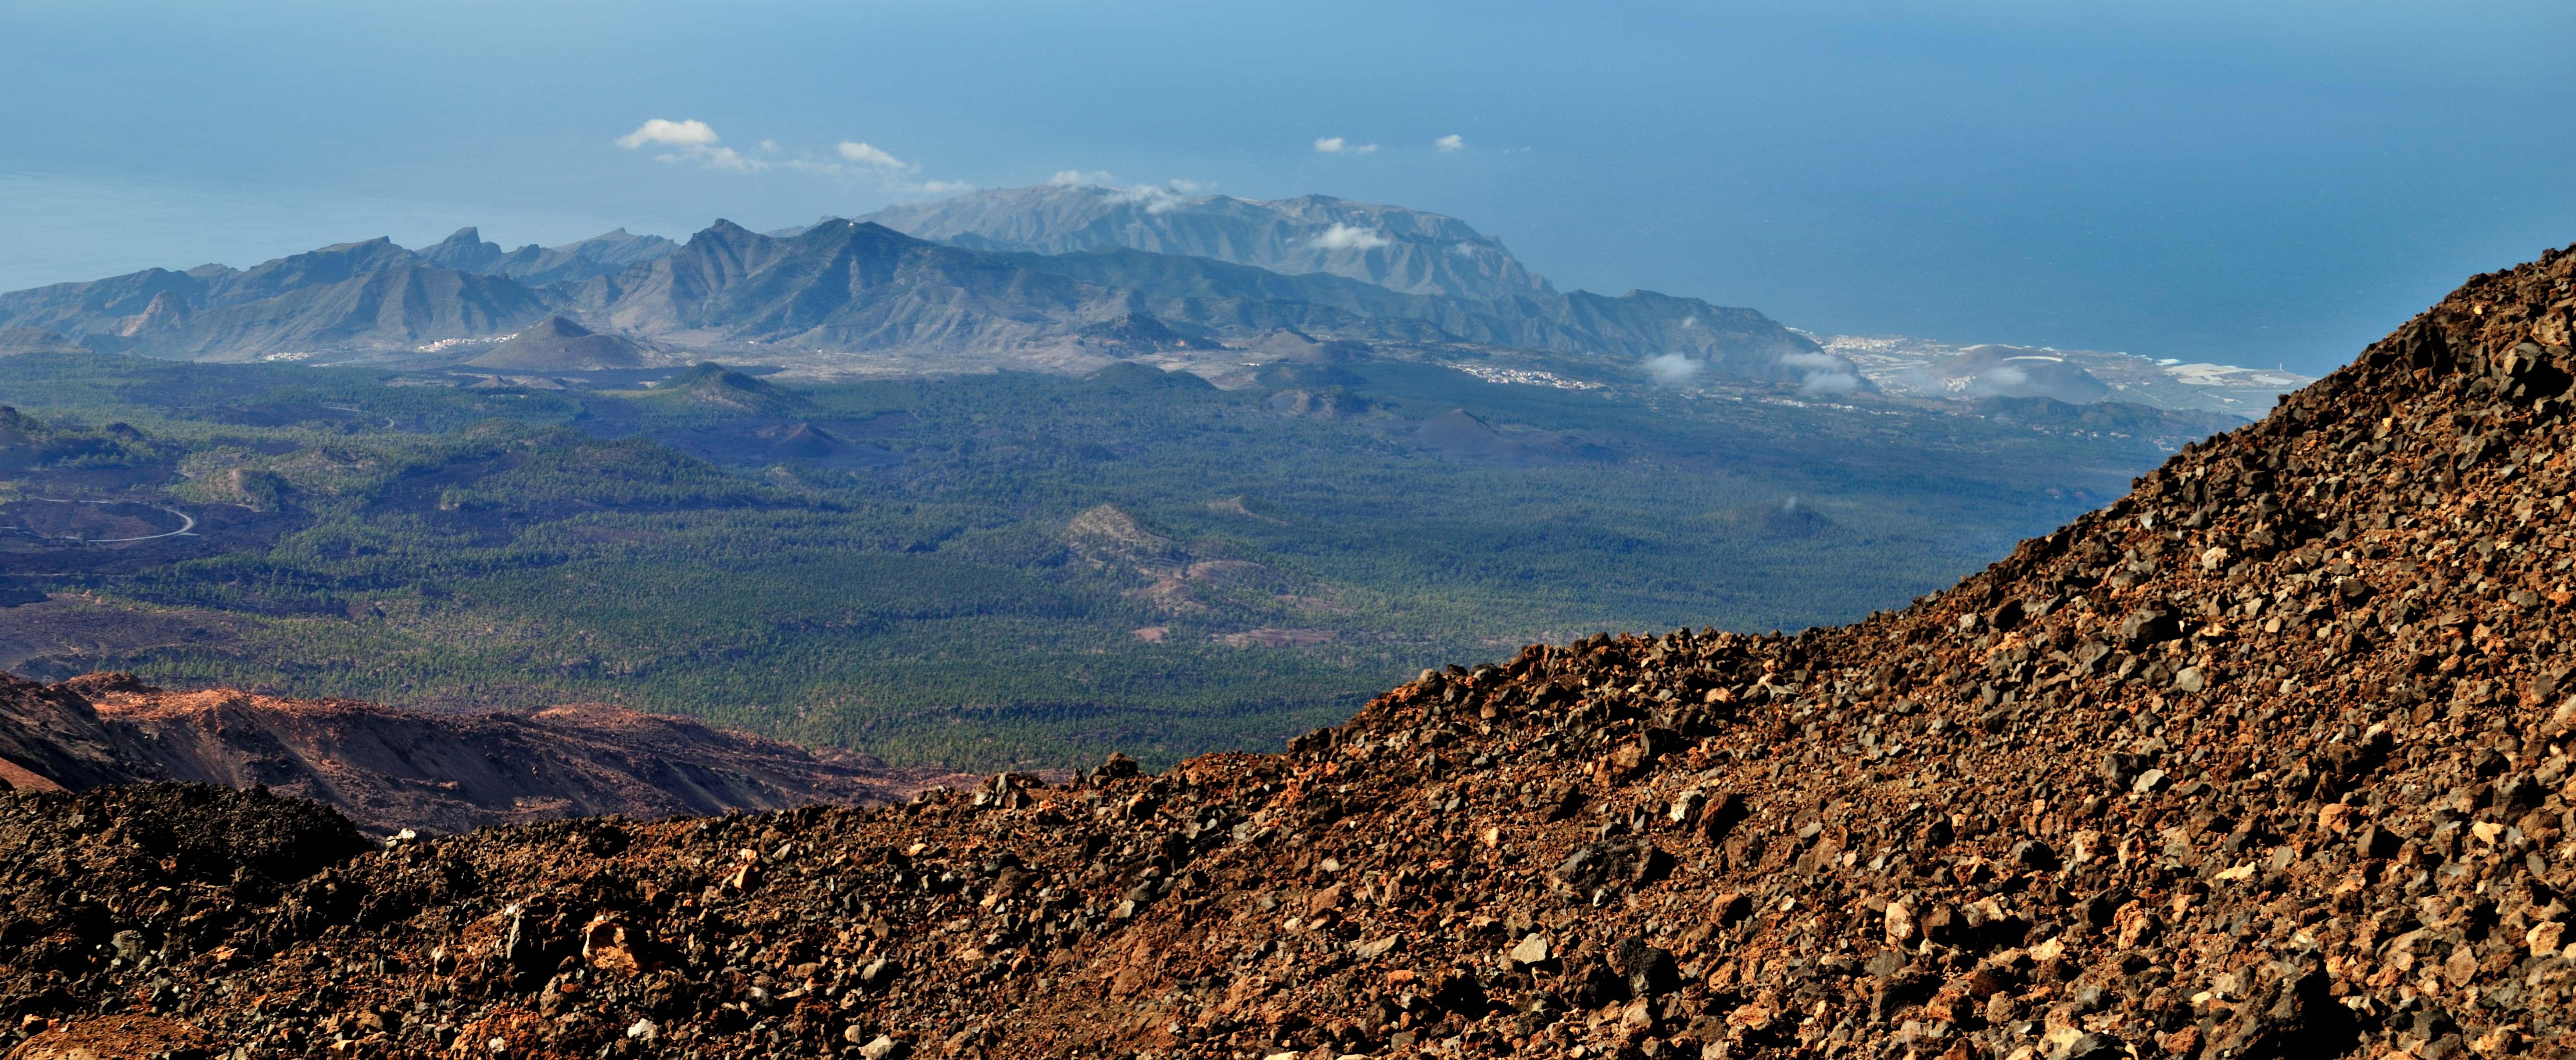 File:Mirador del Pico Viejo desde el Teide (Tenerife).jpg